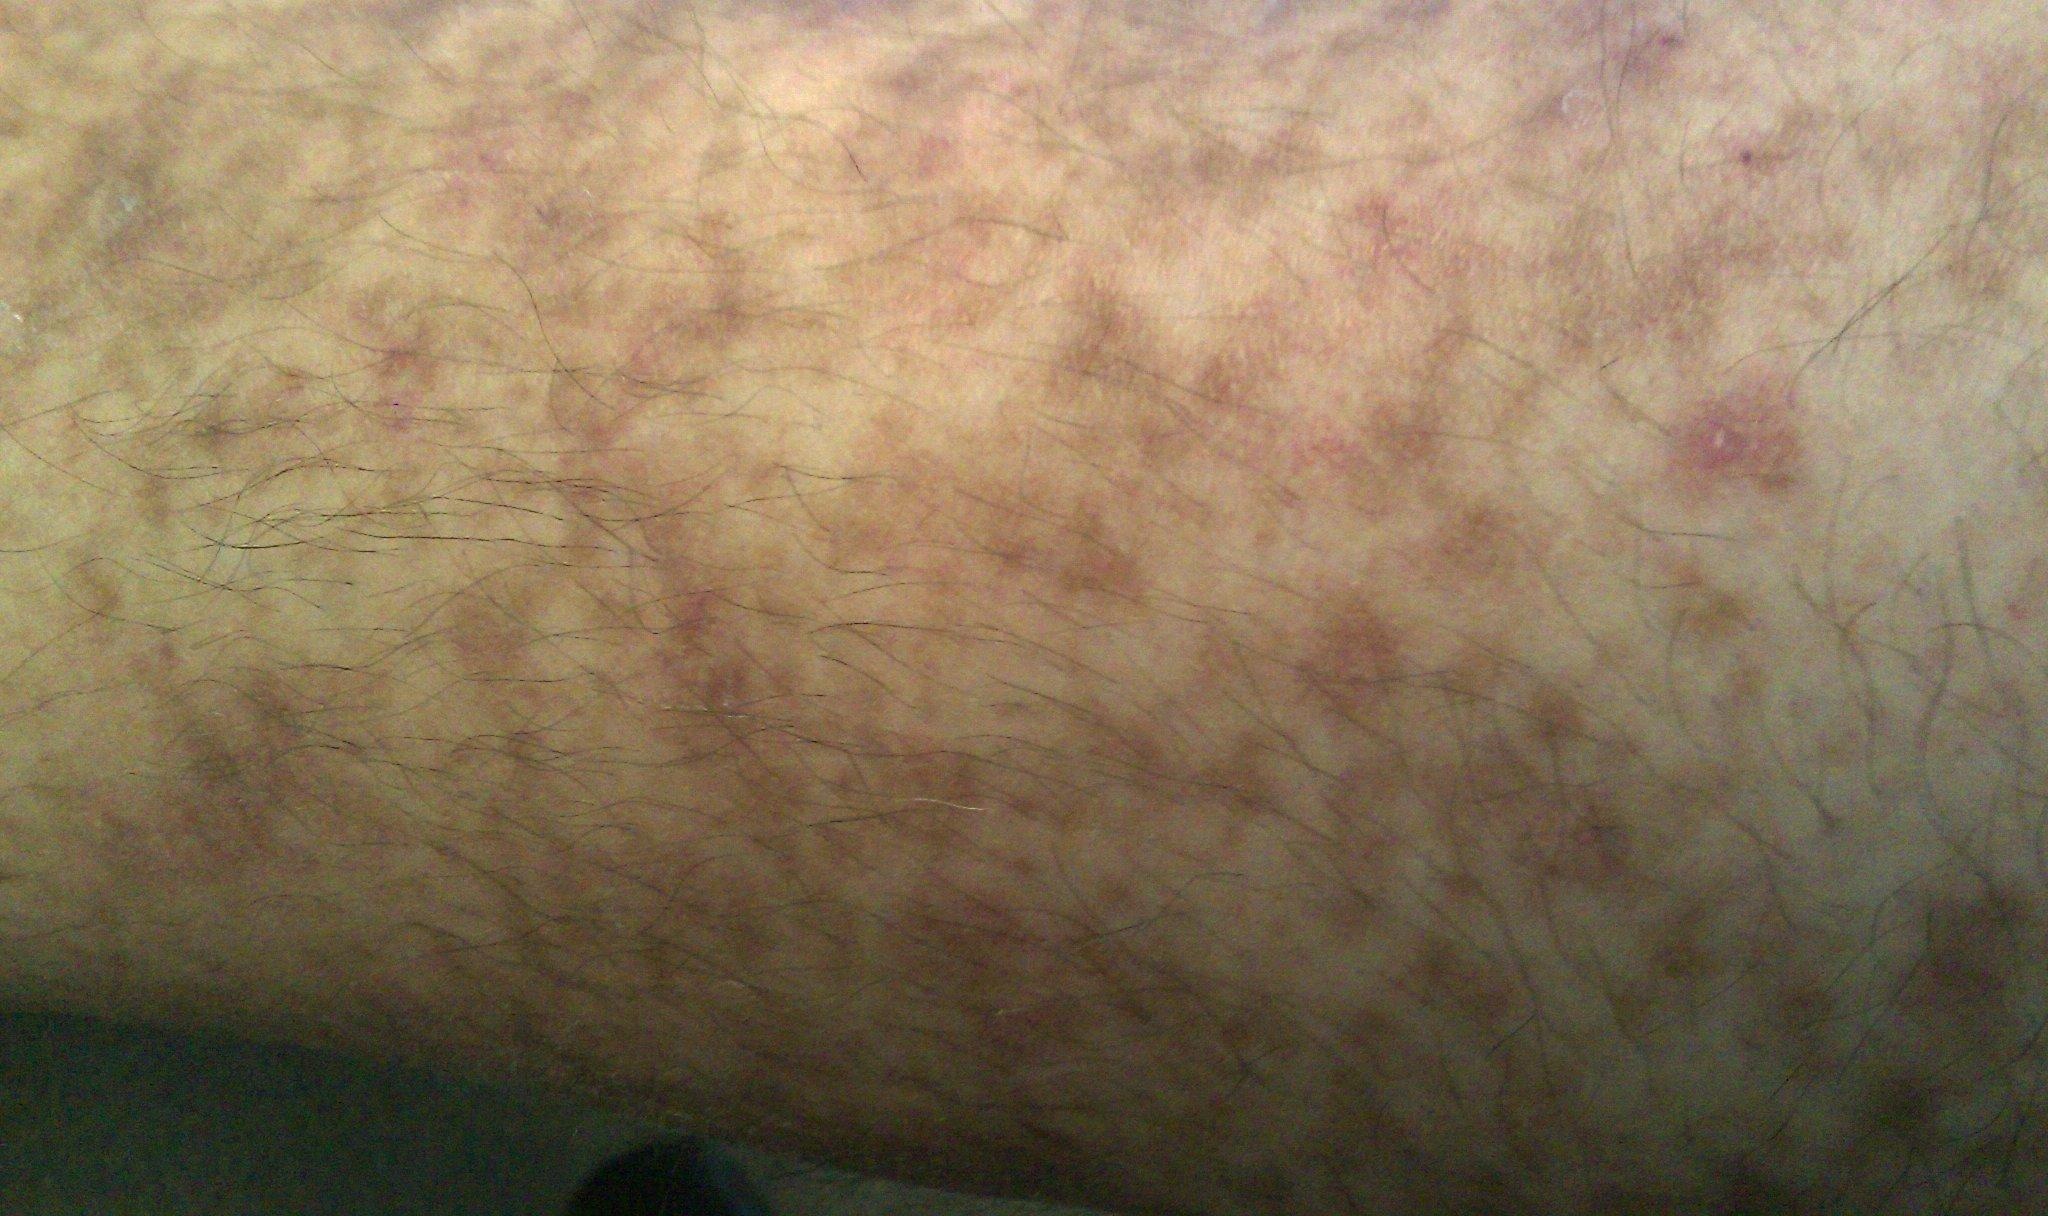 Right Leg spots